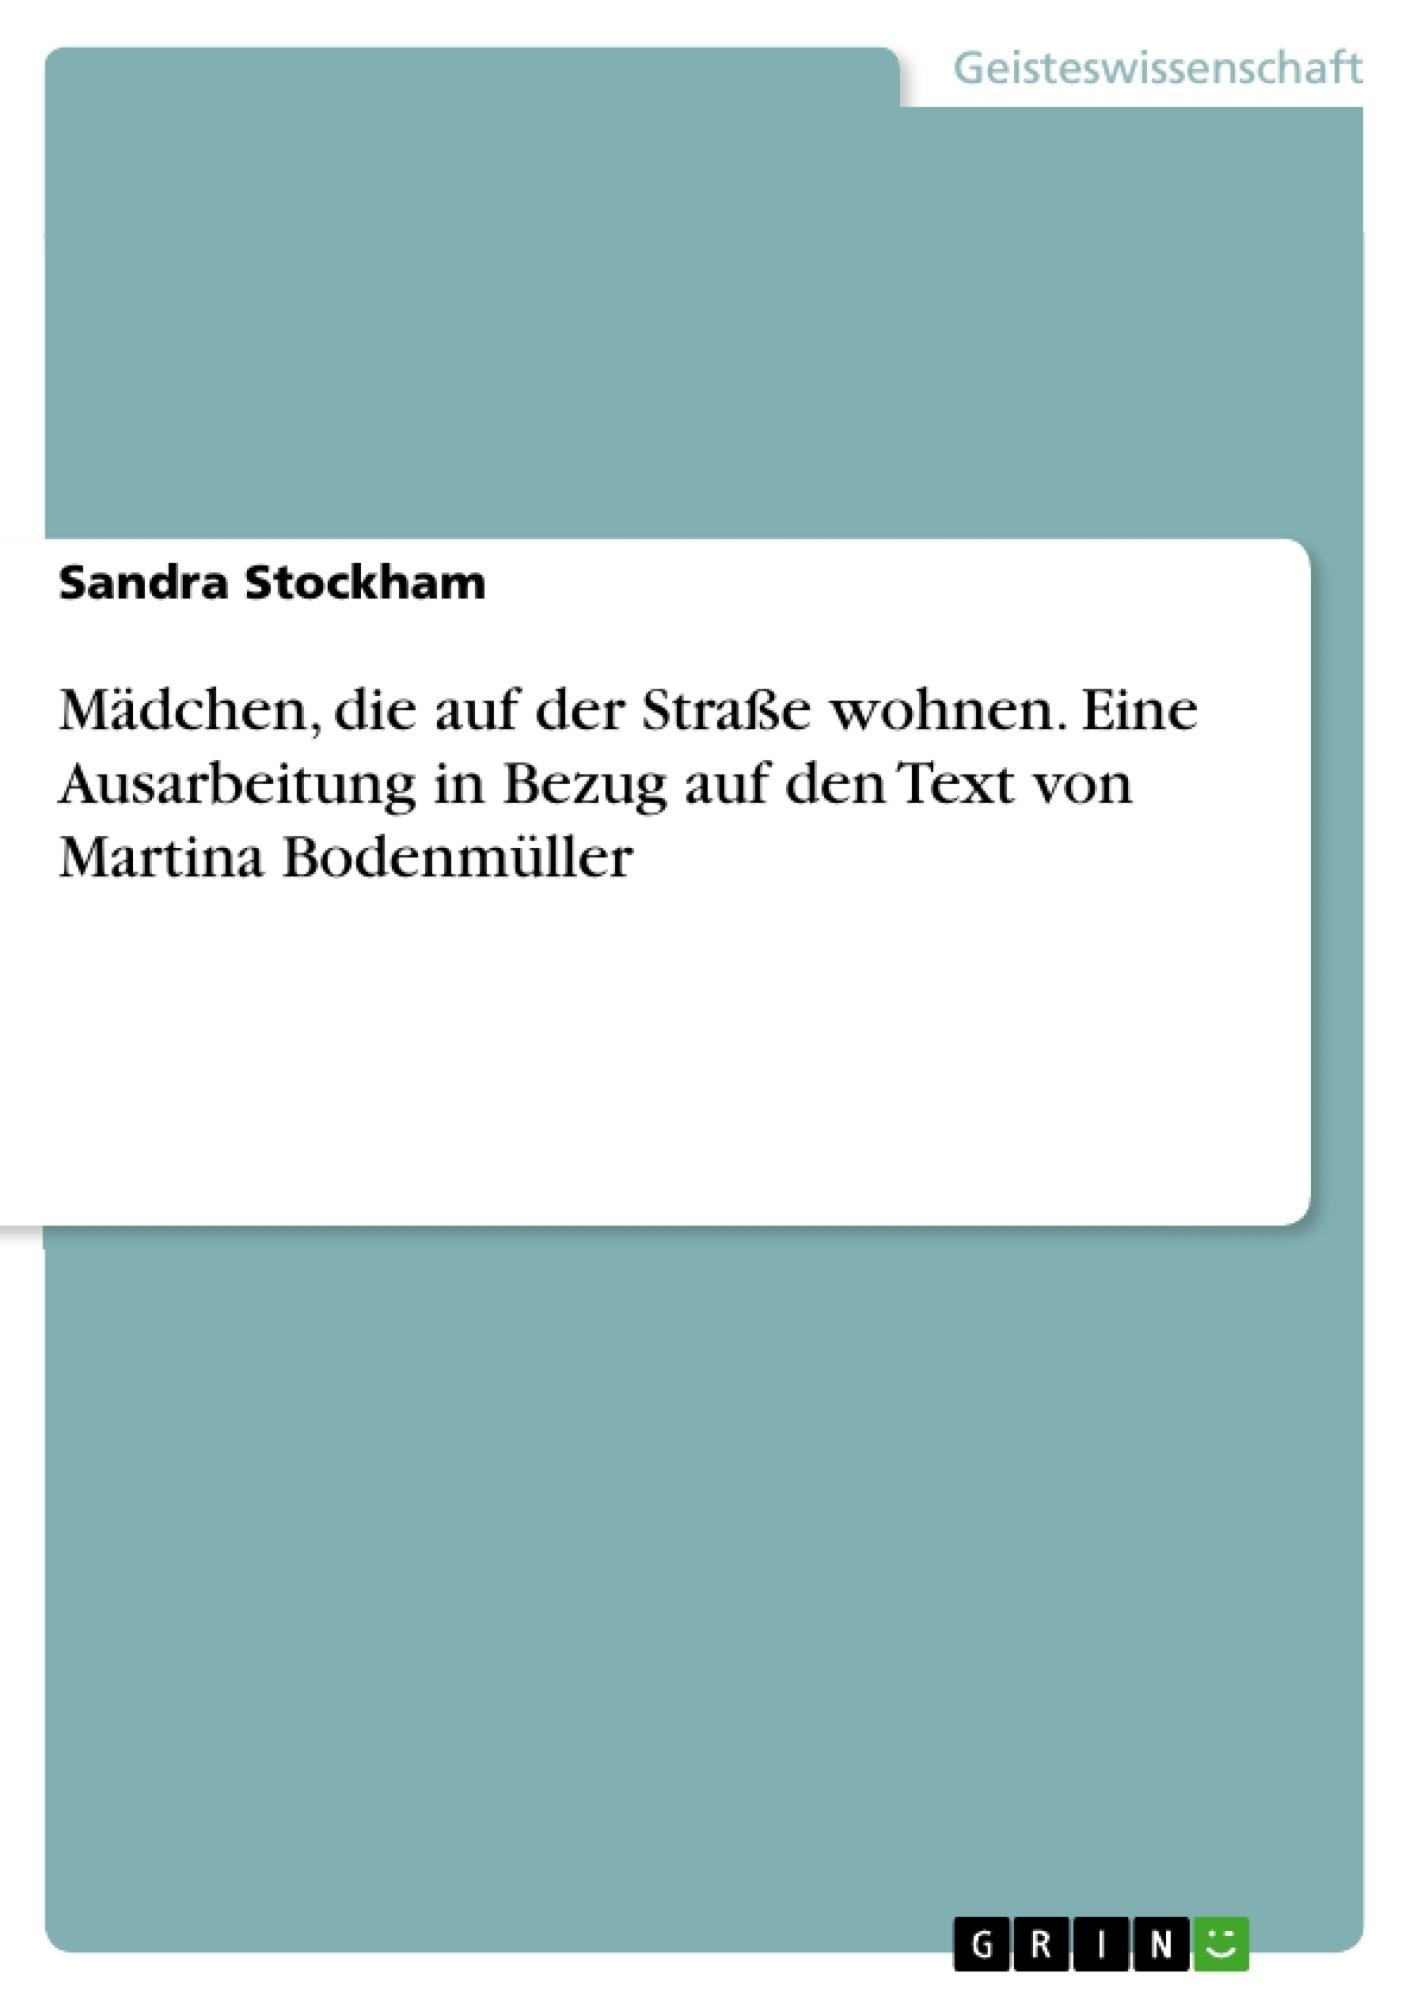 Titel: Mädchen, die auf der Straße wohnen. Eine Ausarbeitung in Bezug auf den Text von Martina Bodenmüller